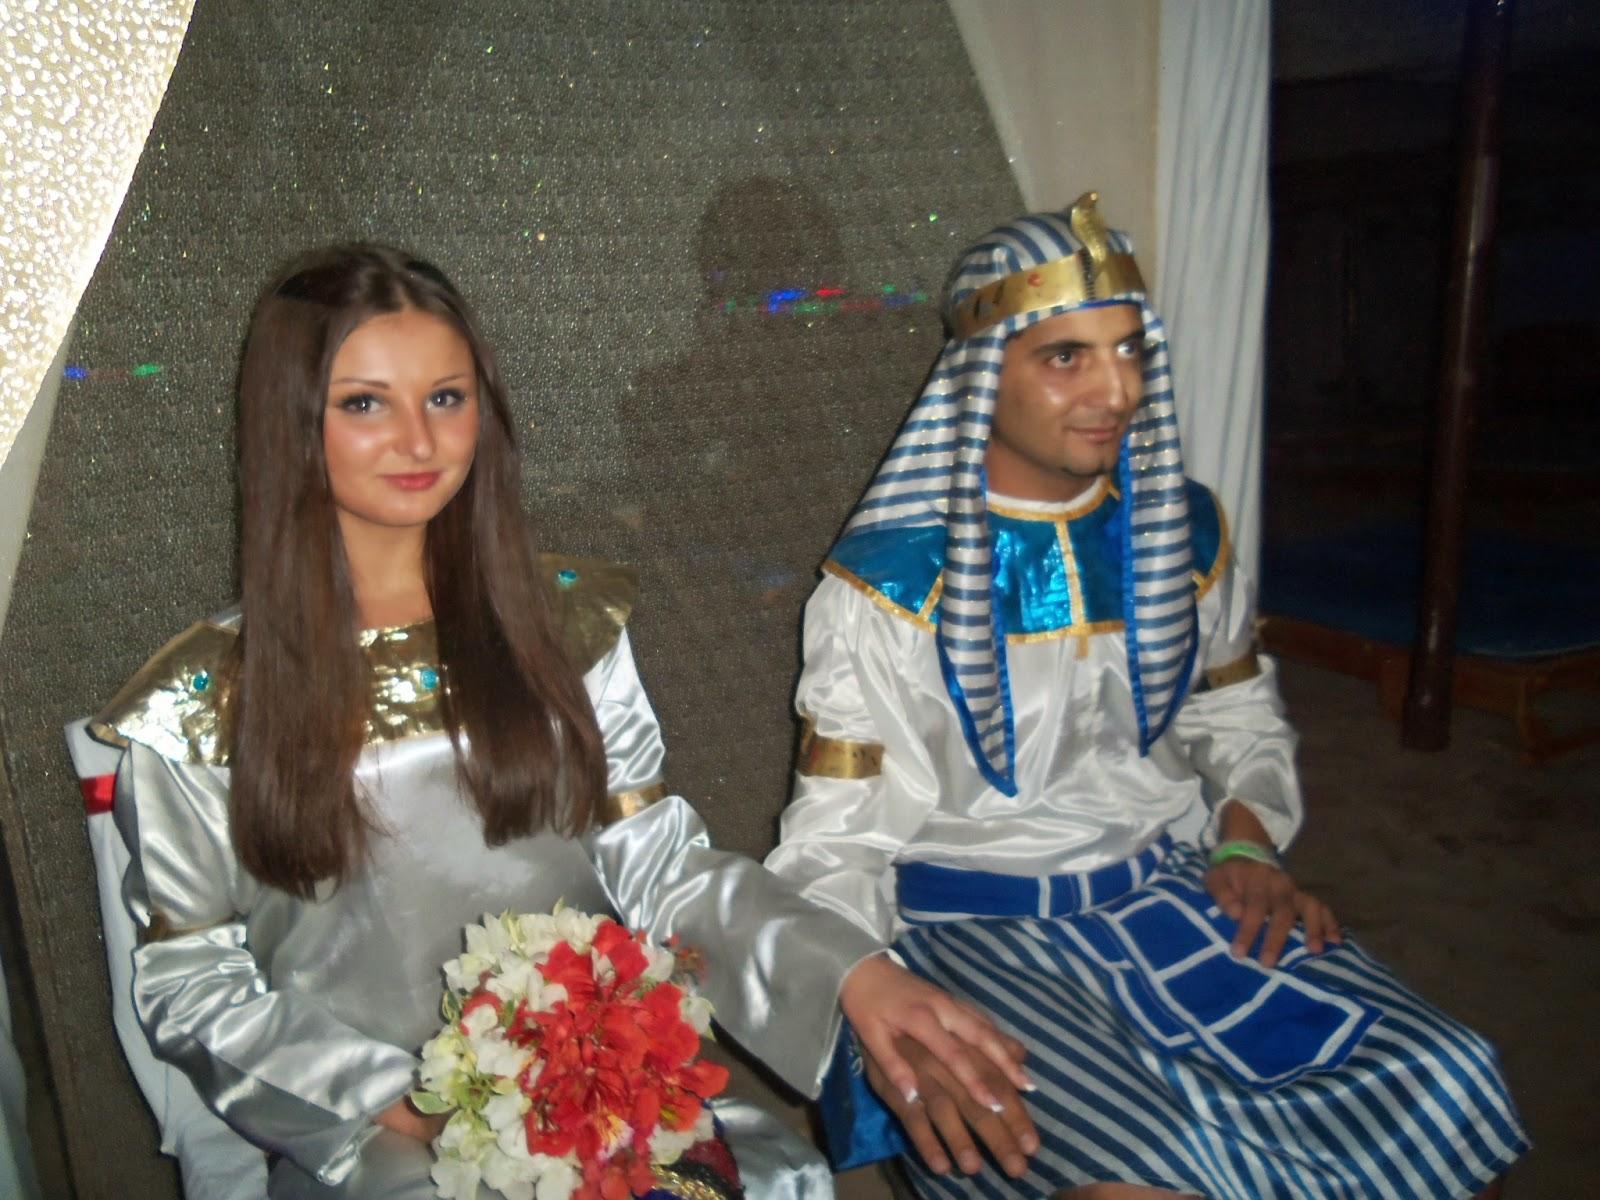 بالصور حفل زفاف فرعونى فى شرم الشيخ لسائحة روسية